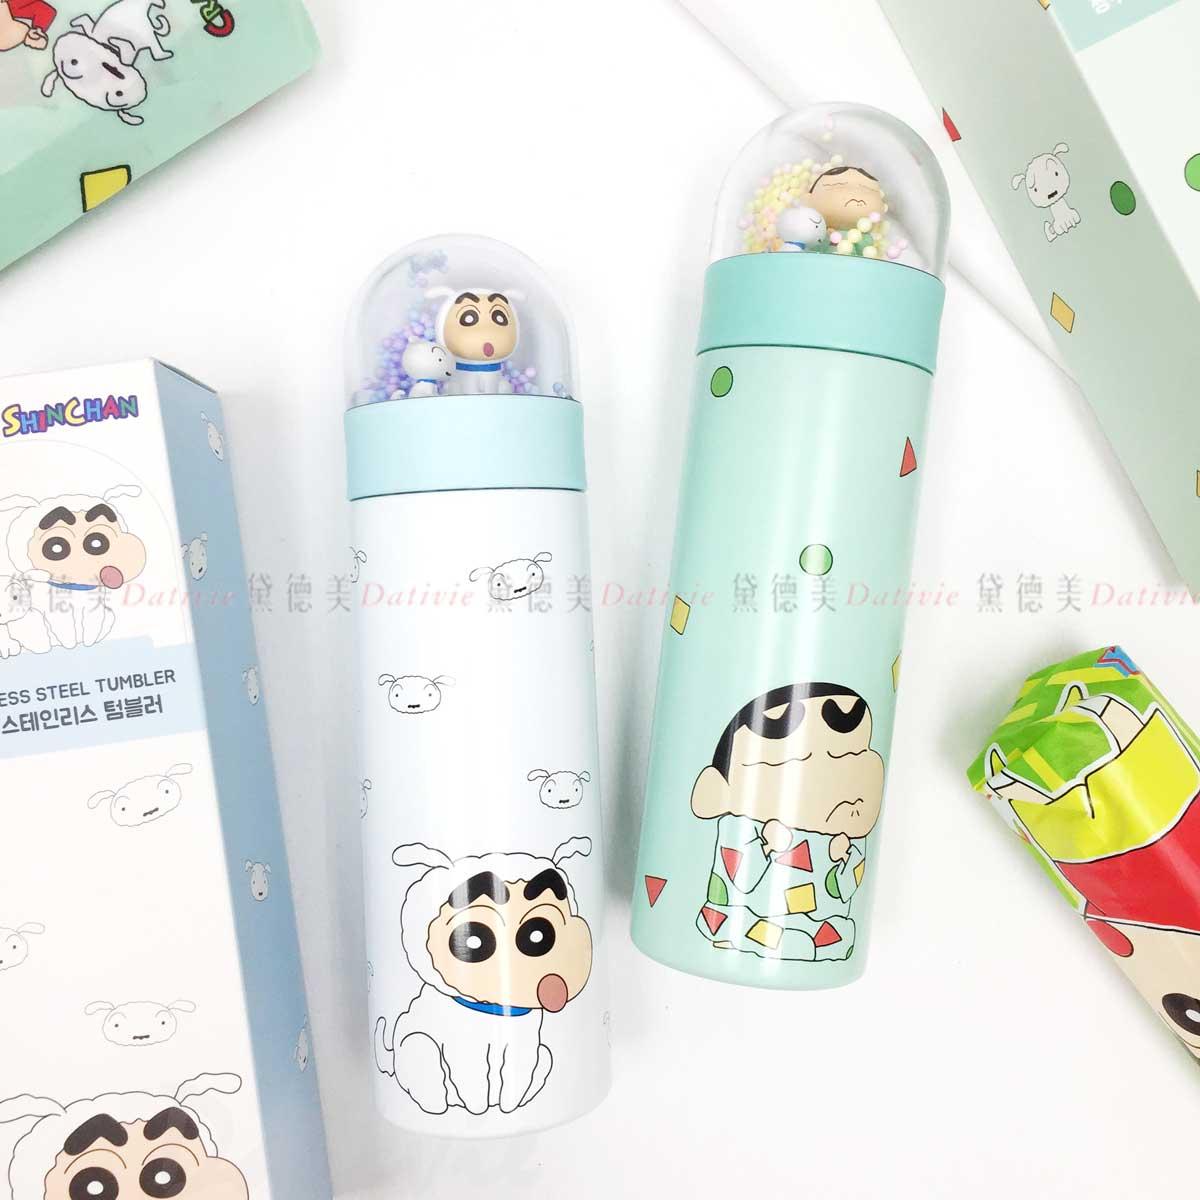 水晶球不鏽鋼保溫杯 350ml-蠟筆小新 Crayon Shin Chain クレヨンしんちゃん 韓國進口正版授權